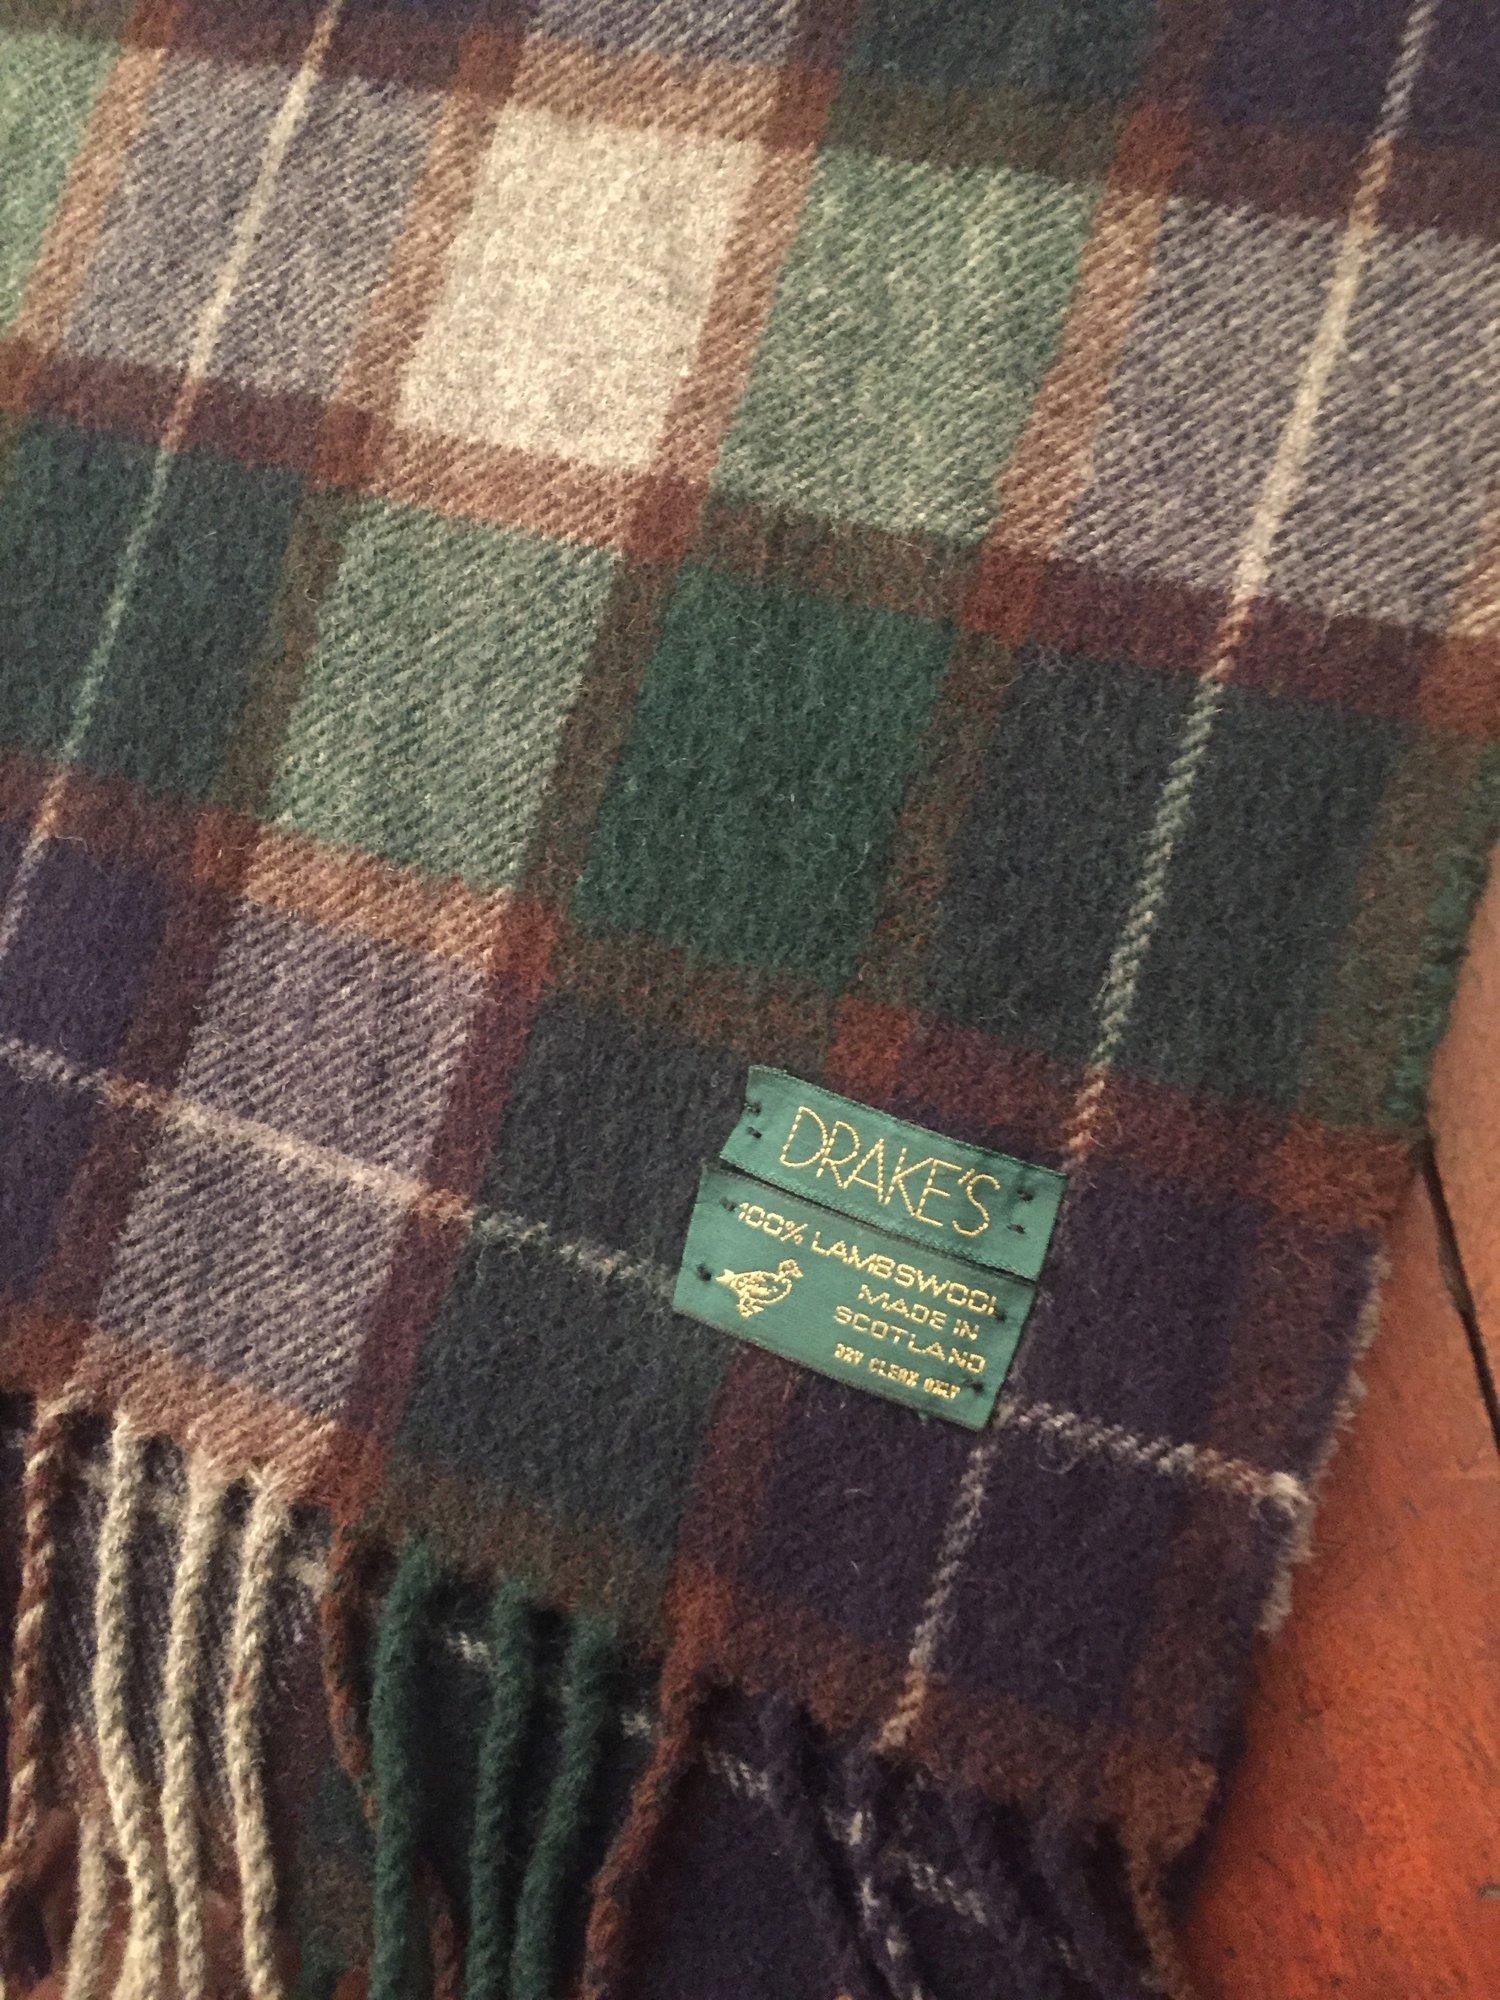 Drake's scarf.JPG